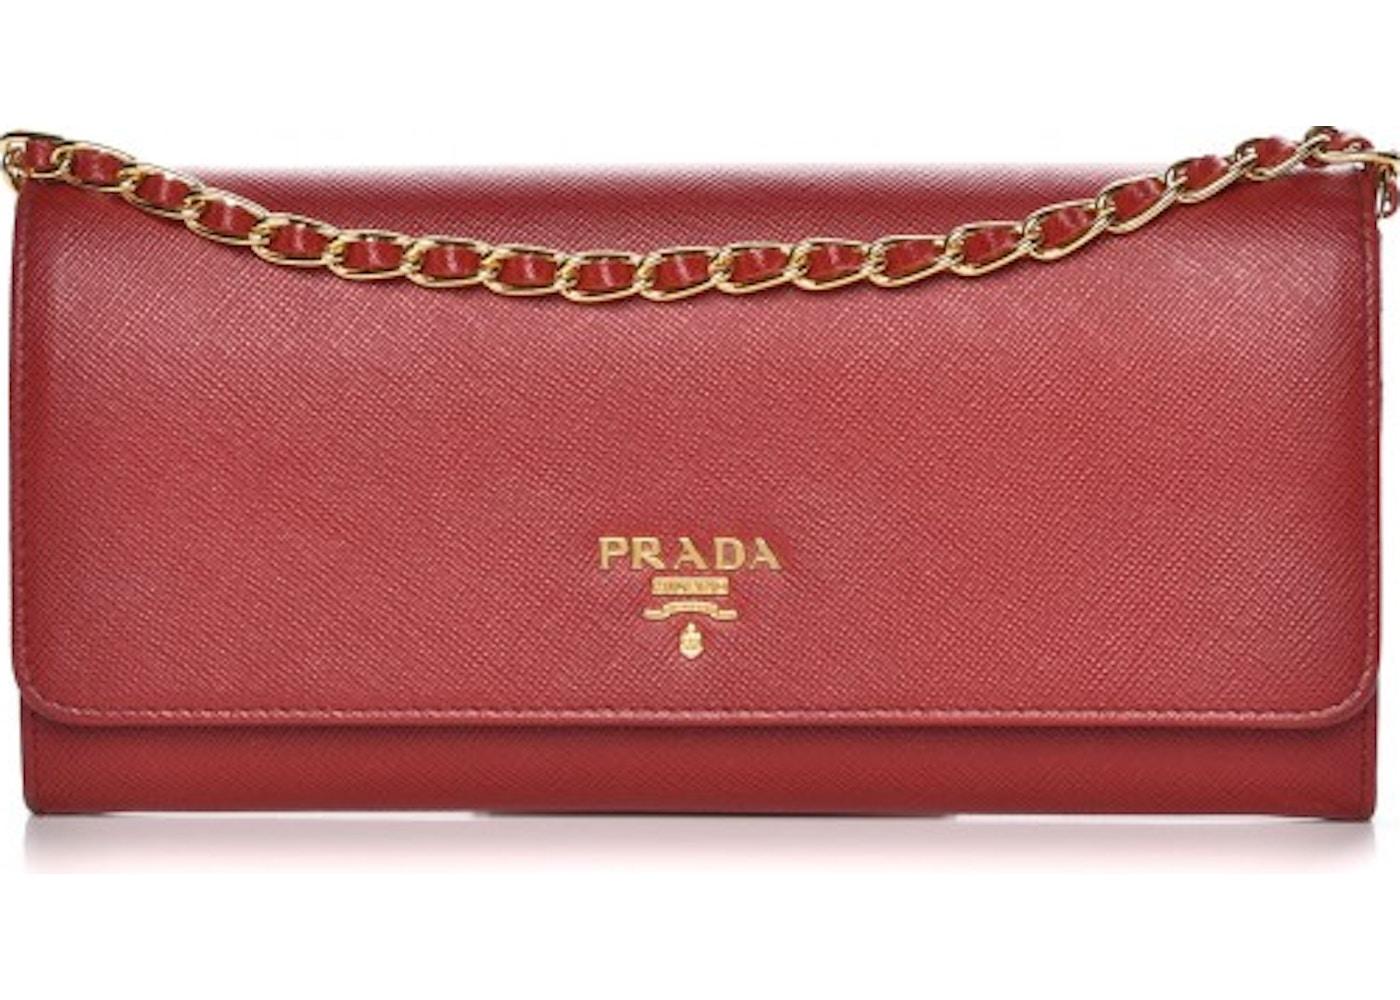 de7d1b4e83ef Prada Metal Oro Chain Wallet Saffiano Fuoco Red. Saffiano Fuoco Red